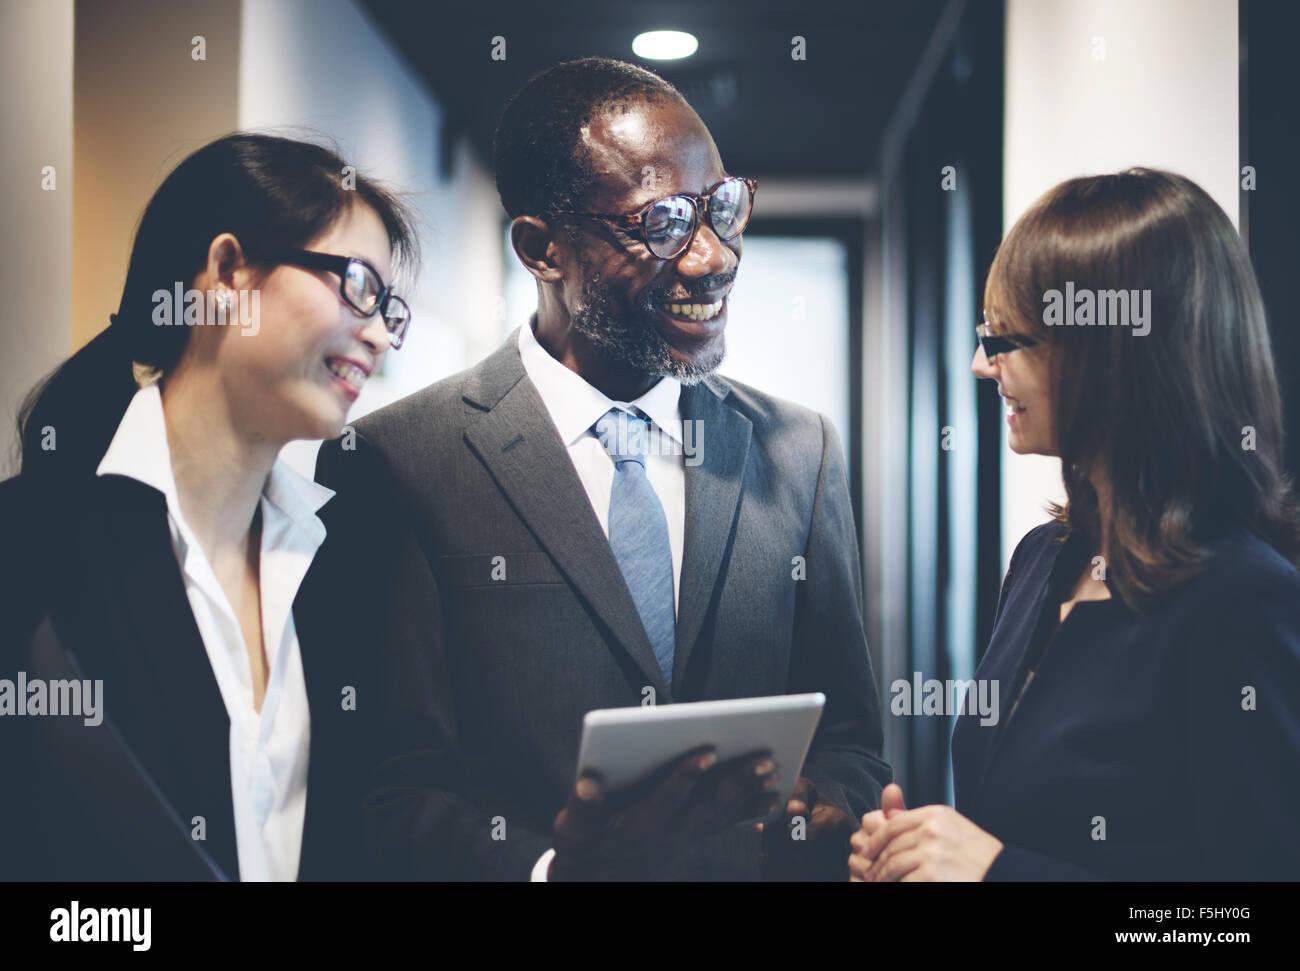 Fröhliche Menschen Wirtschaftskommunikation Corporate Stockbild